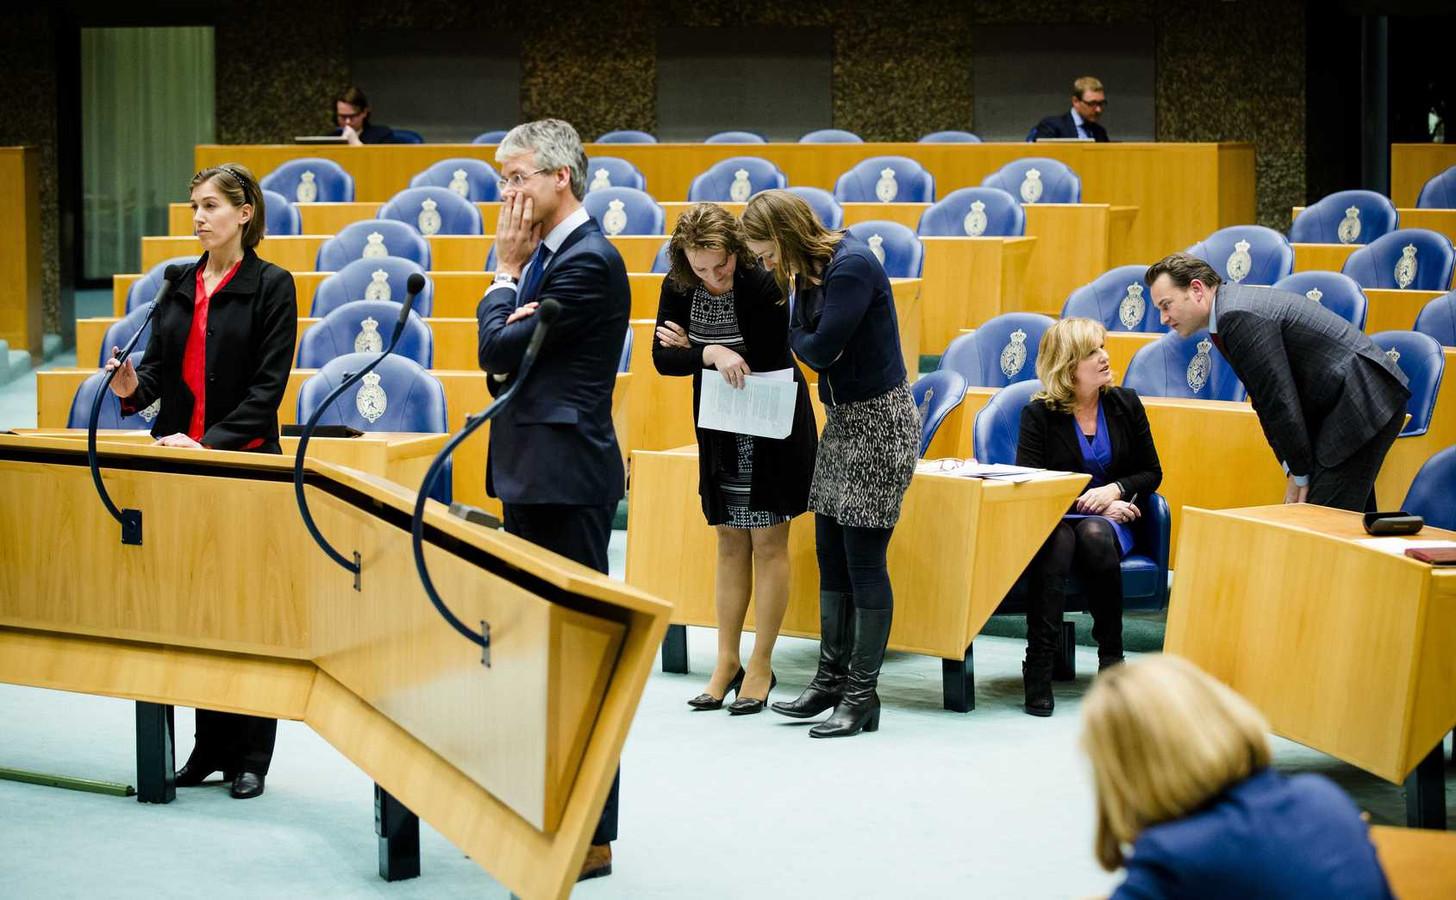 In de Tweede Kamer wil een meerderheid dat inwoners van Ypenburg een betere bescherming krijgen tegen de problemen met de stadsverwarming.